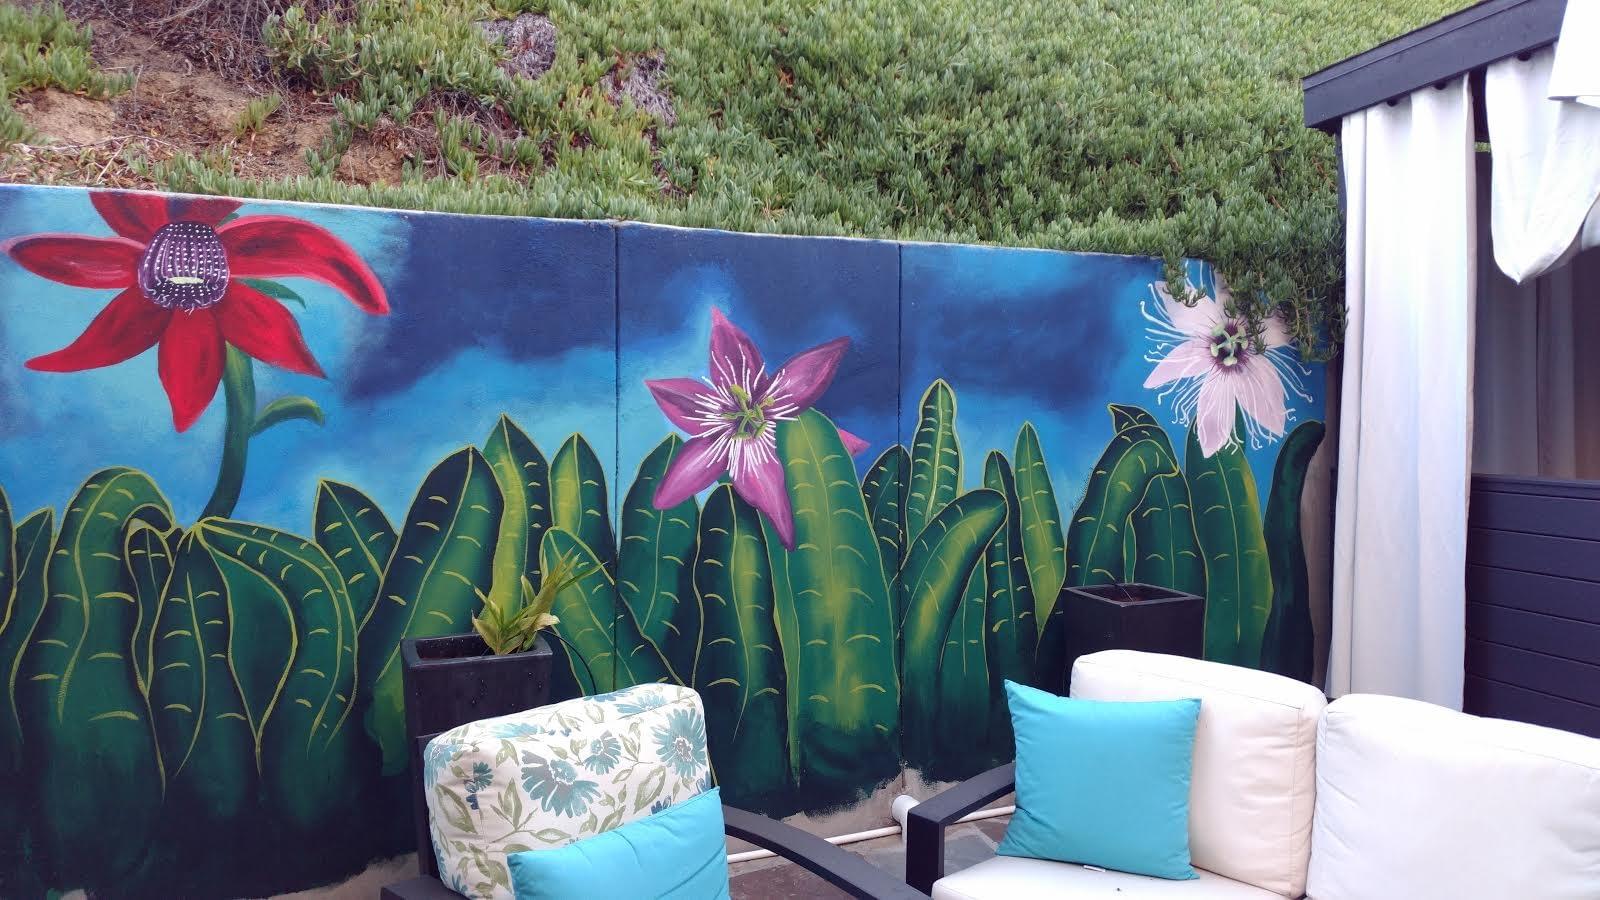 Backyard MuralI